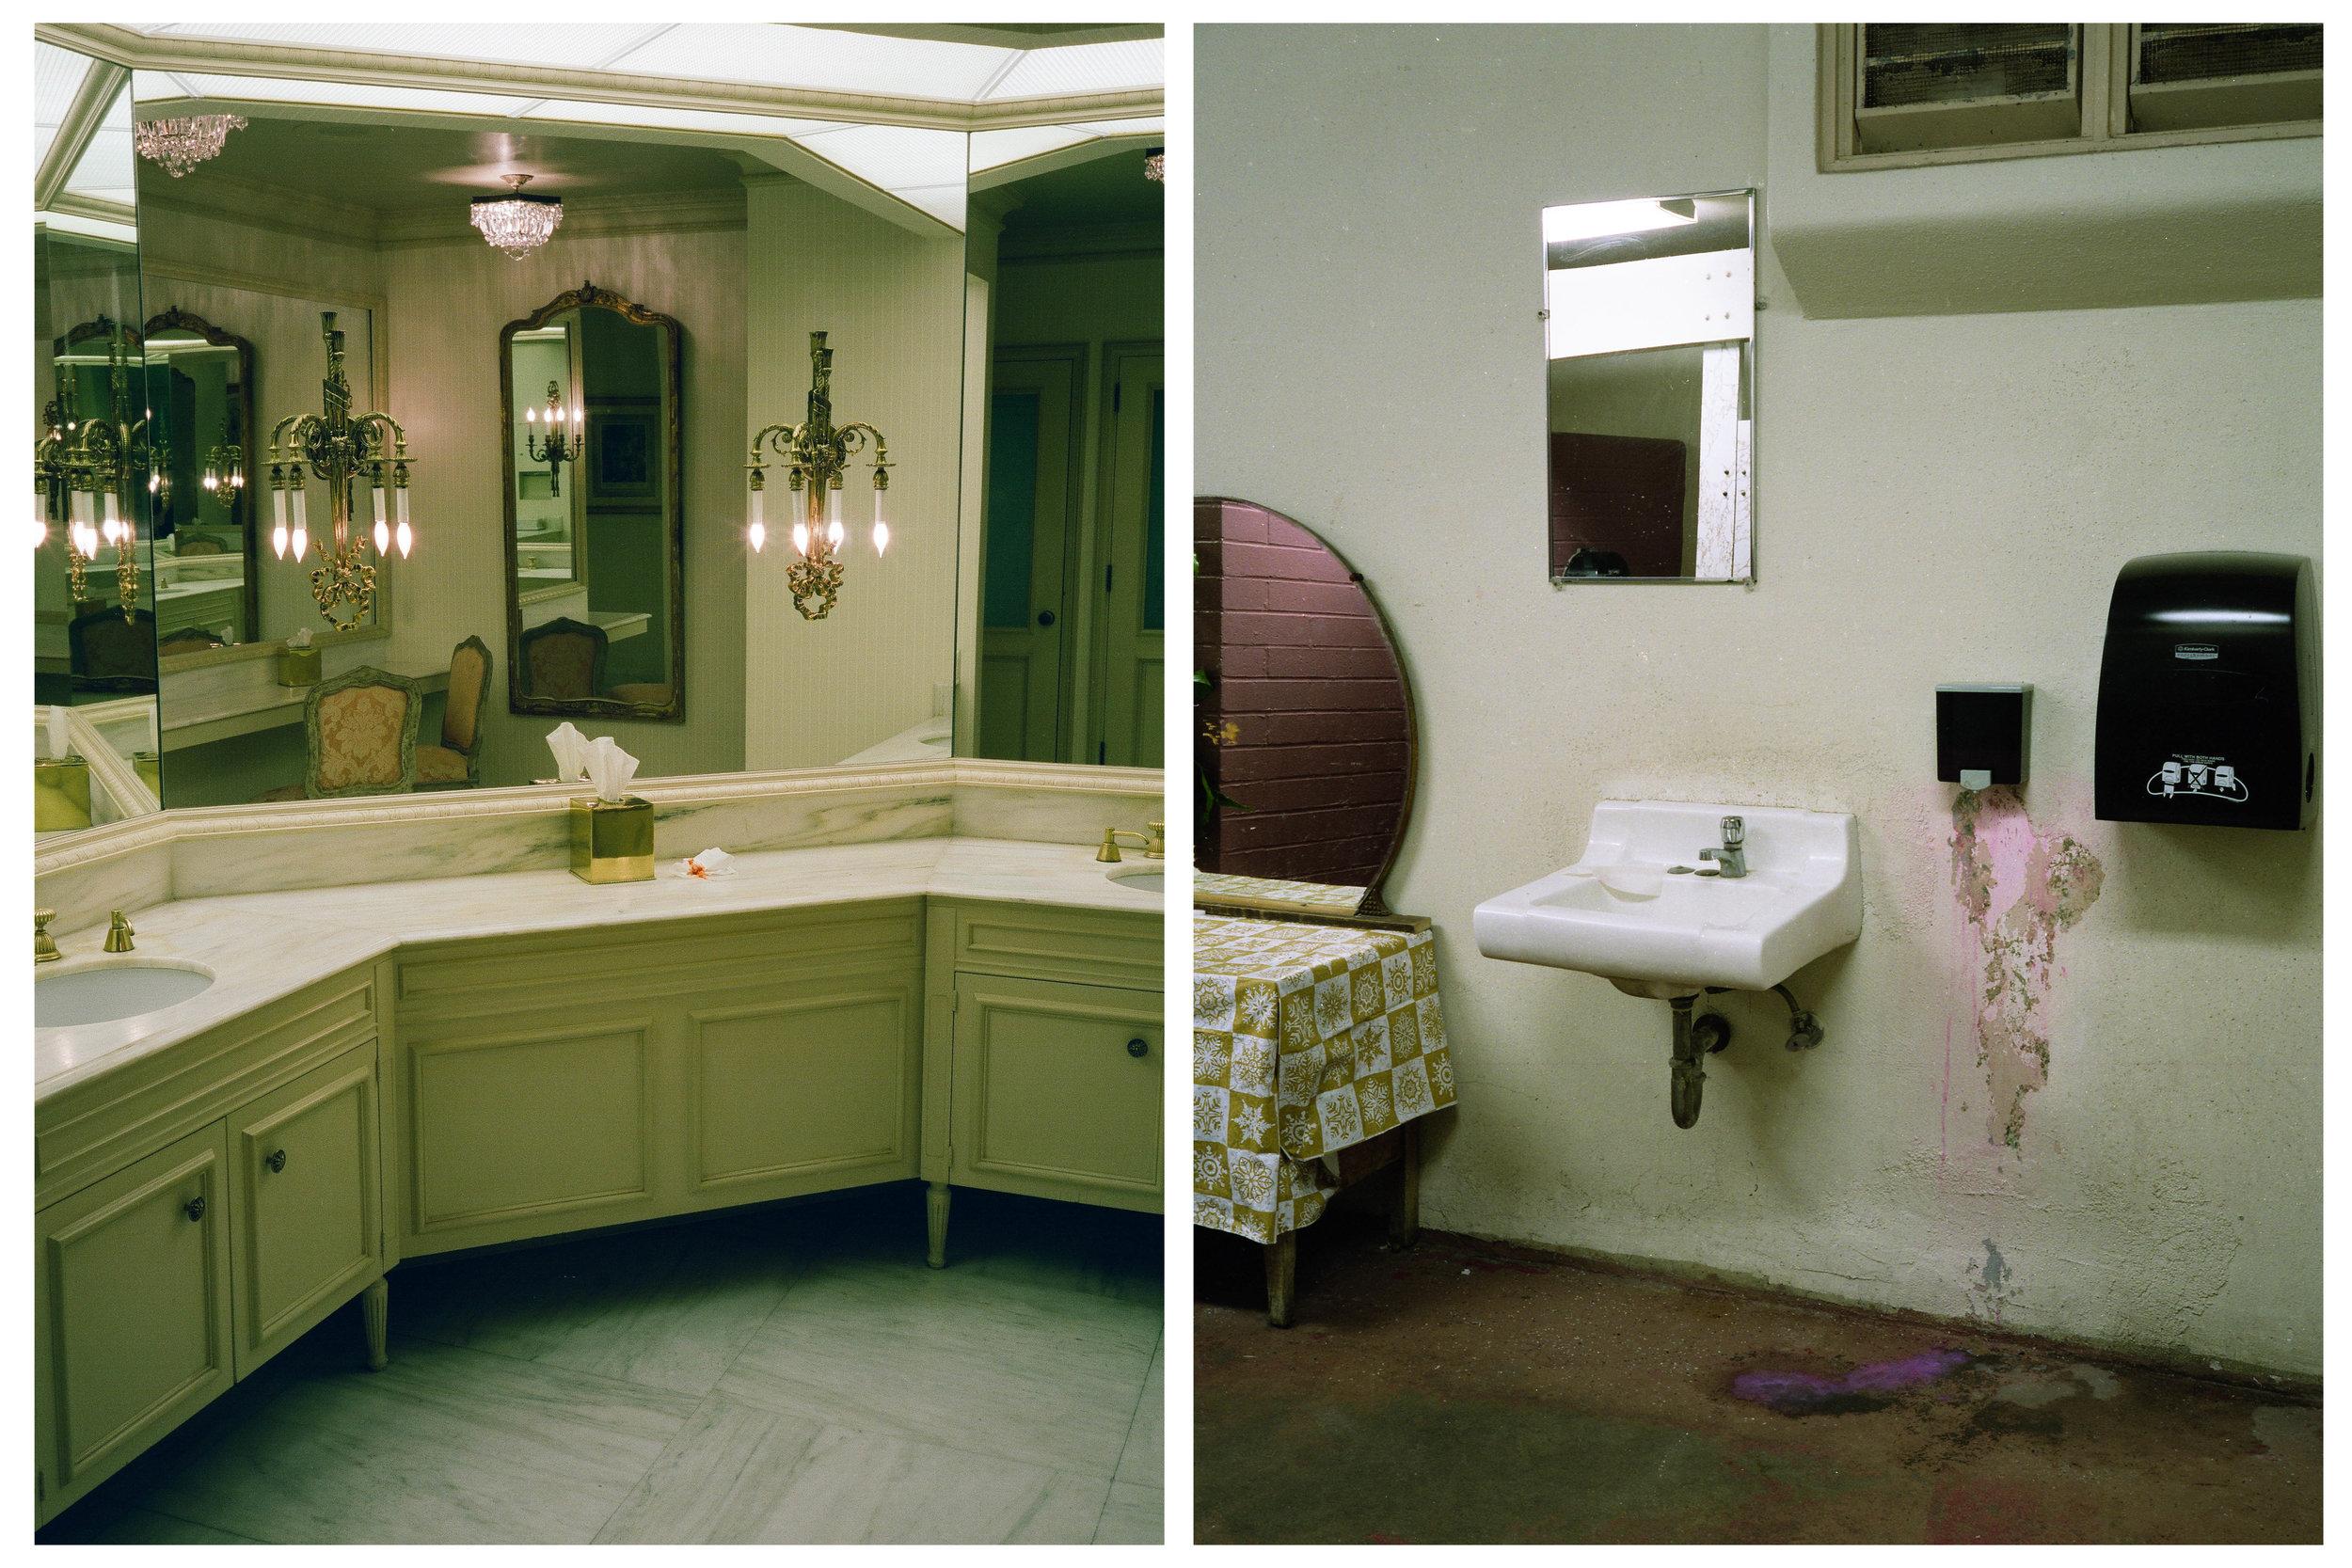 female, restrooms, medium format analog